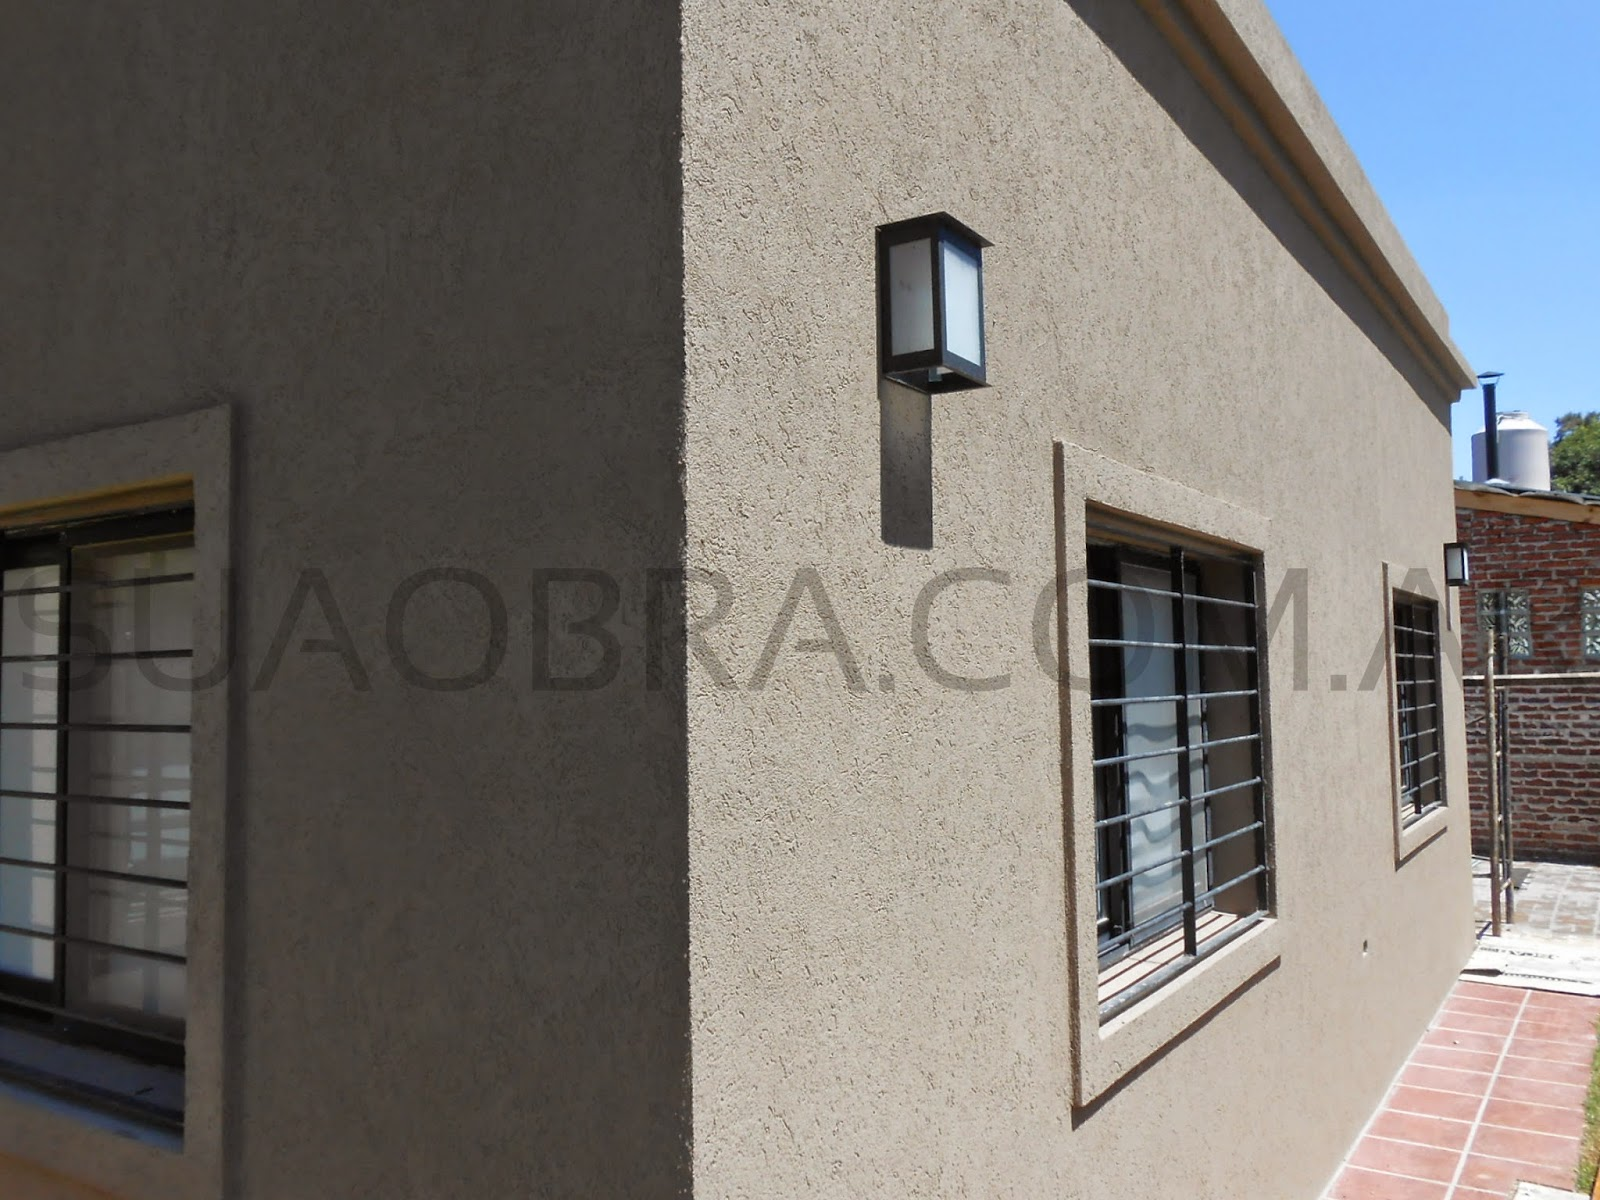 Aplicacion de revestimiento plastico para paredes - Revestimiento de fachadas exteriores ...